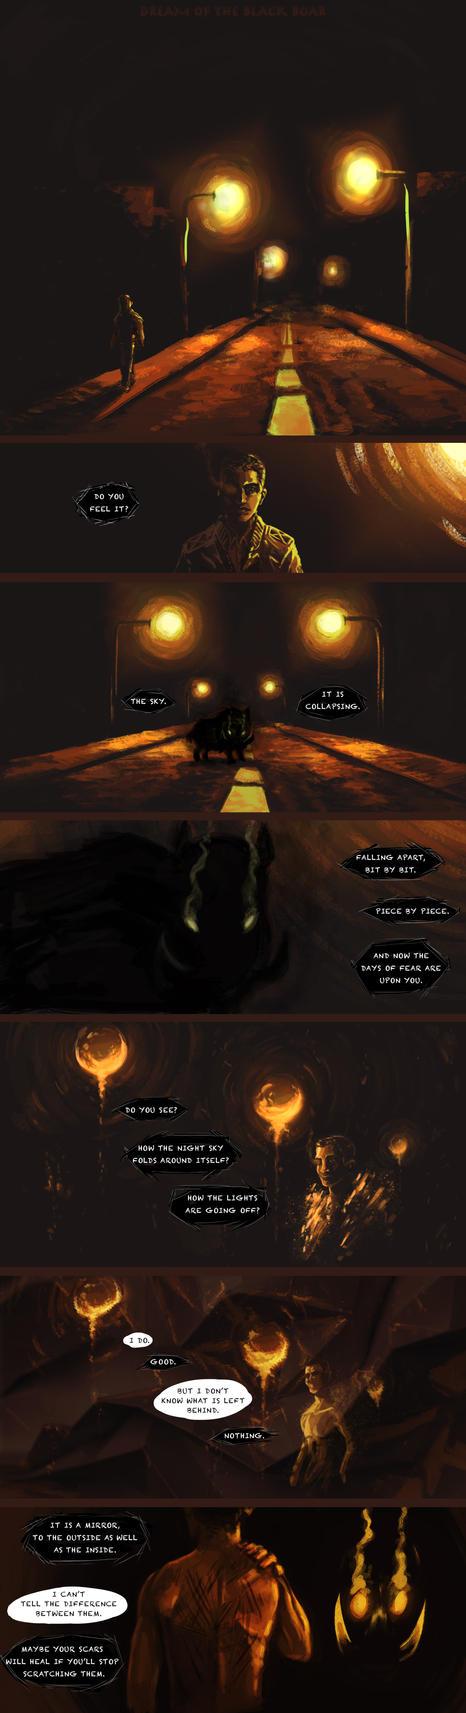 DREAM OF THE BLACK BOAR by land-walker